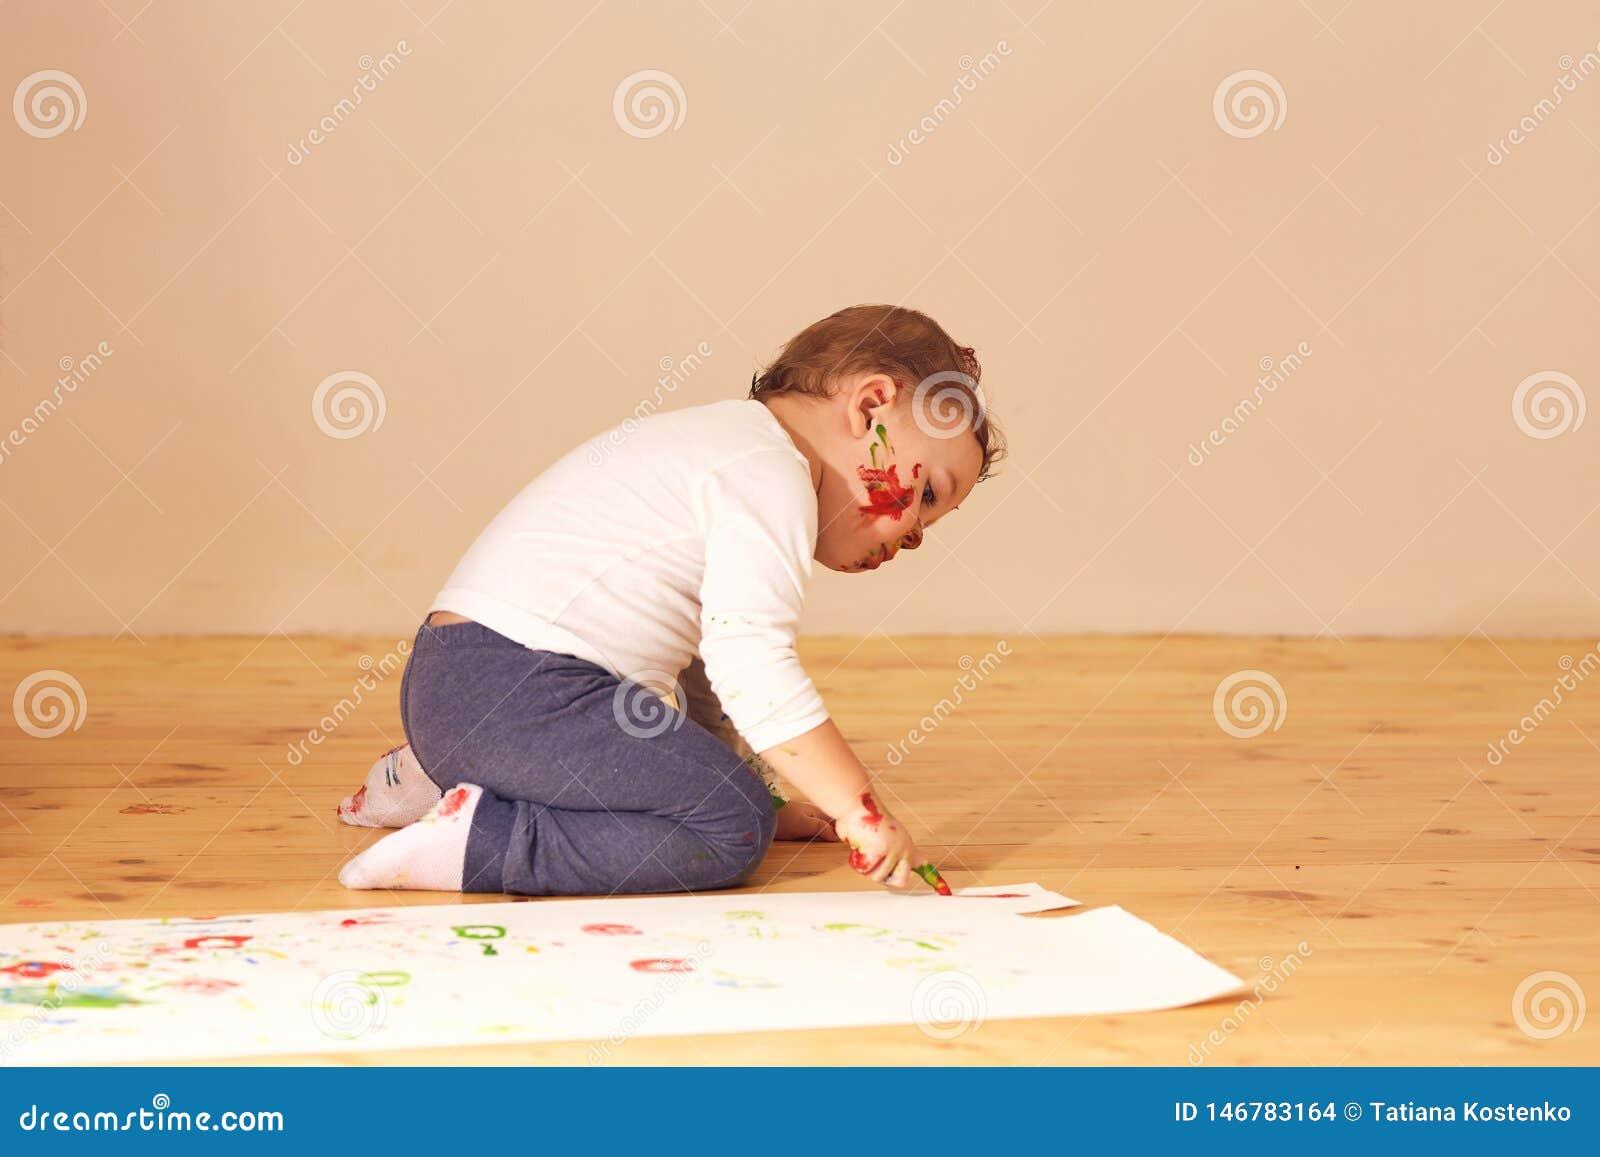 Der kleine Junge, der in der Hauptkleidung gekleidet wird, sitzen auf dem Bretterboden im Raum und malen mit den Fingern auf dem